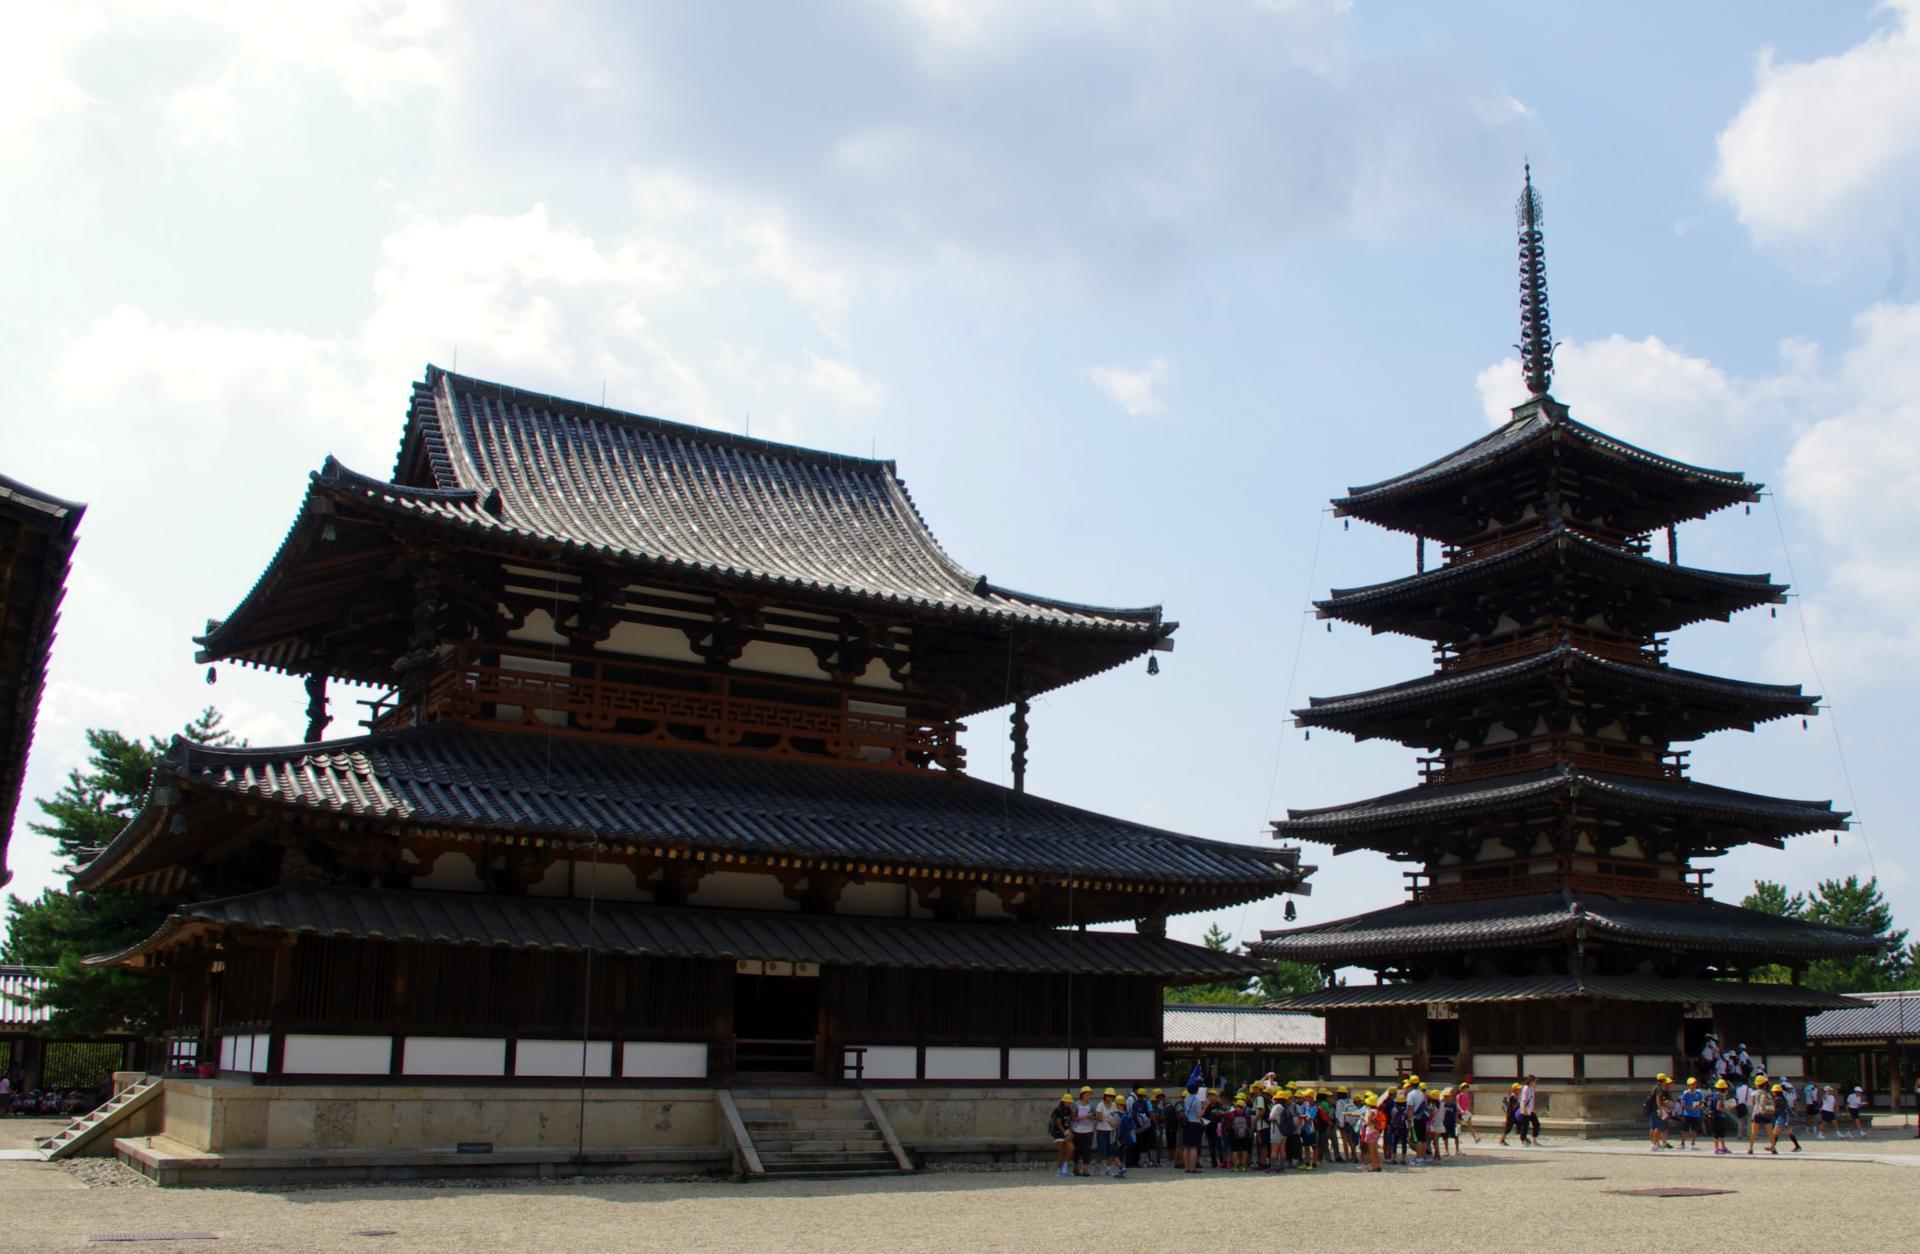 京都/奈良 神社仏閣の魅力 その1...